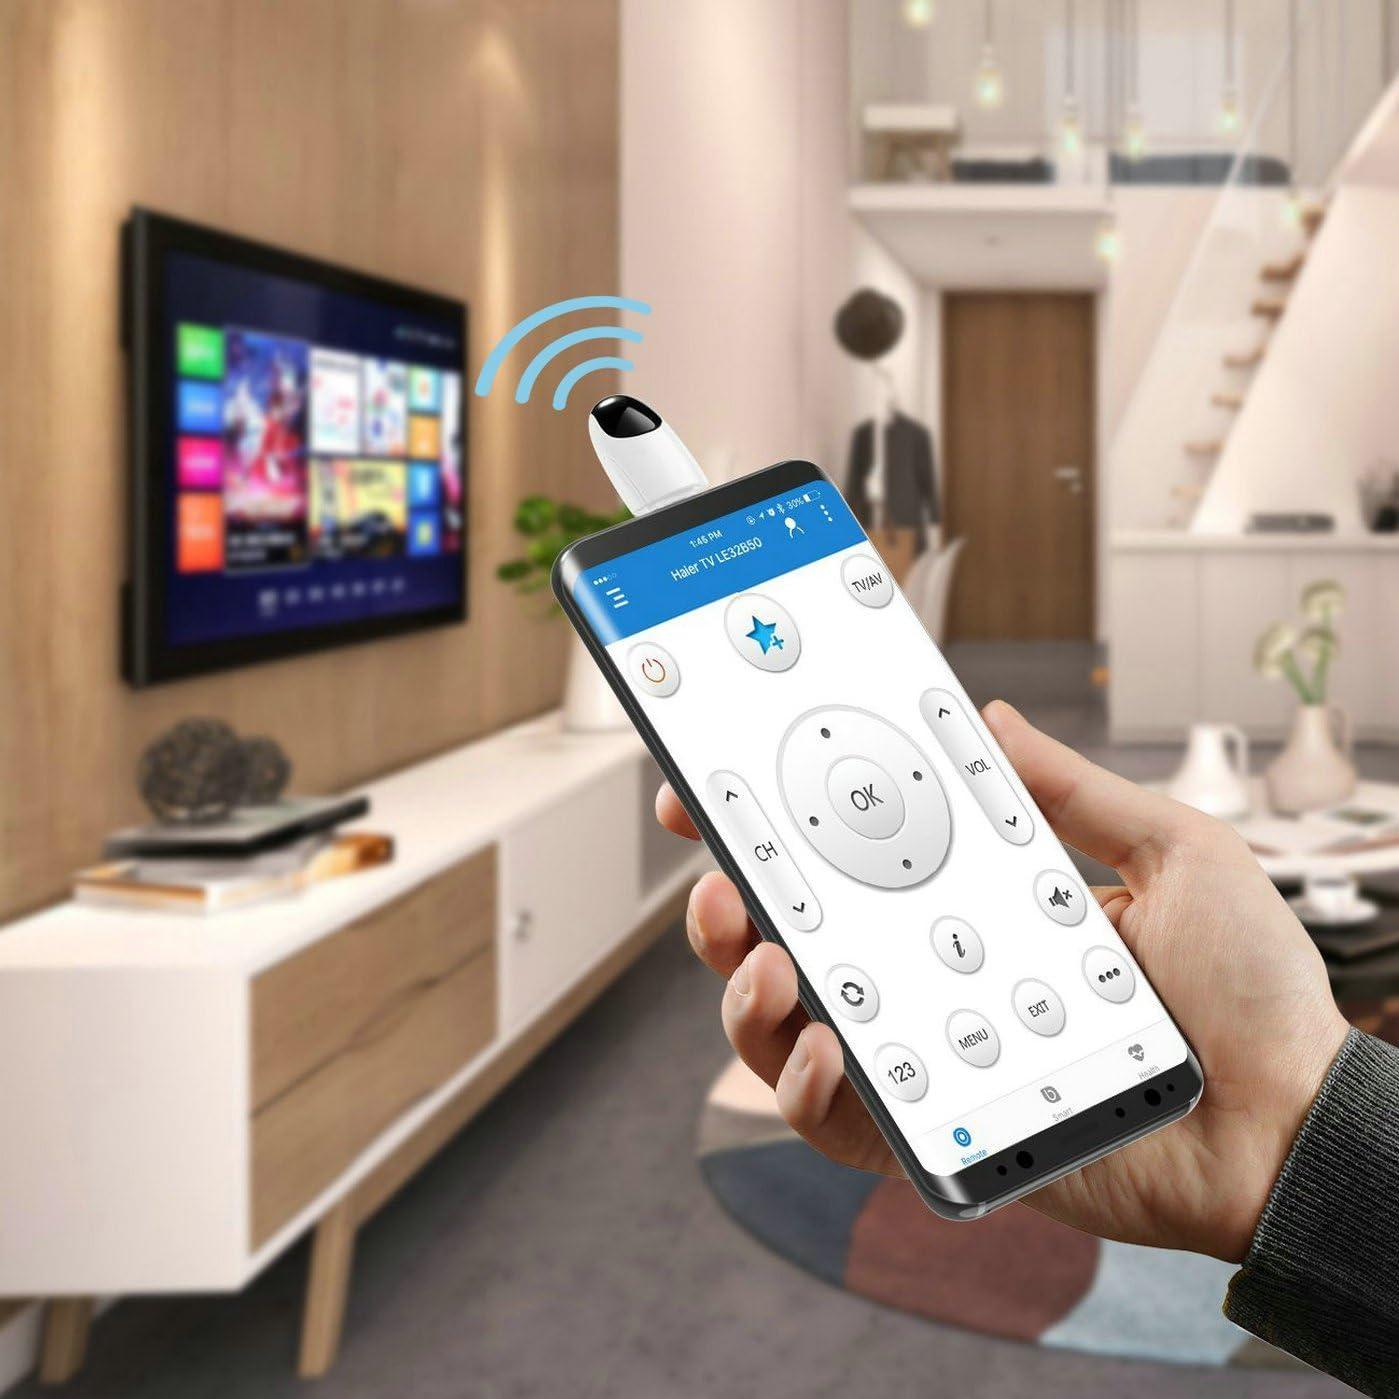 GuDoQi Dispositivos IR Universales Adaptador Remoto Inalámbrico para Teléfono Tnteligente, Mando a Distancia Antipolvo para Smartphone Android OTG (USB Tipo-C): Amazon.es: Electrónica